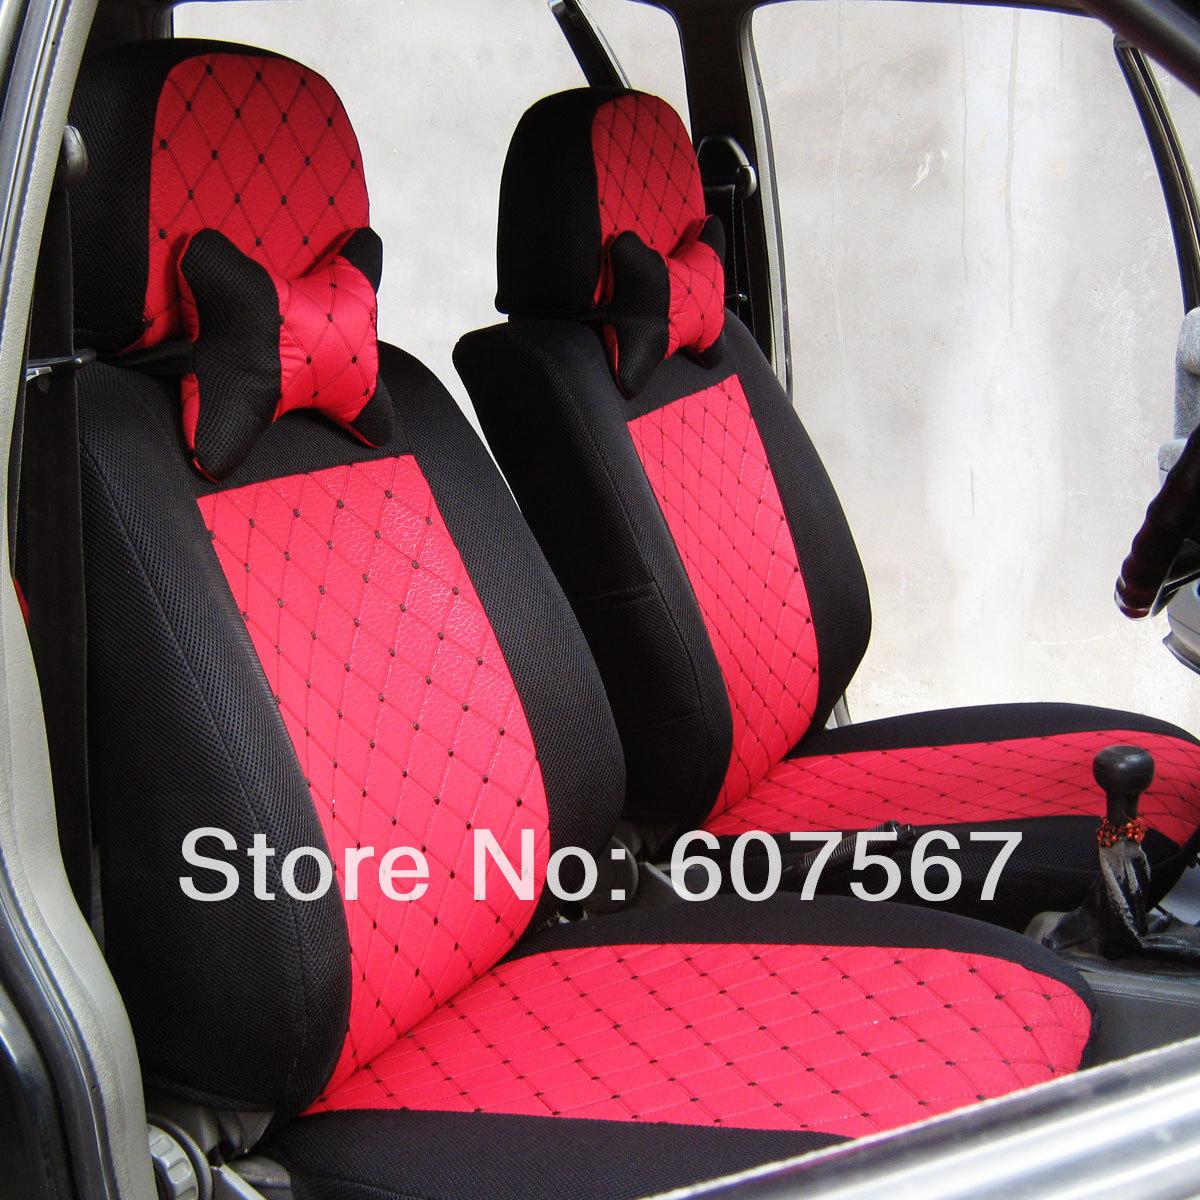 Чехлы для автокресел Changan Mazda 2/3/3, Mazda 3, Mazda 5M 6, FAW ringwing Mazda6 ветровики skyline mazda 3 hb5d 09